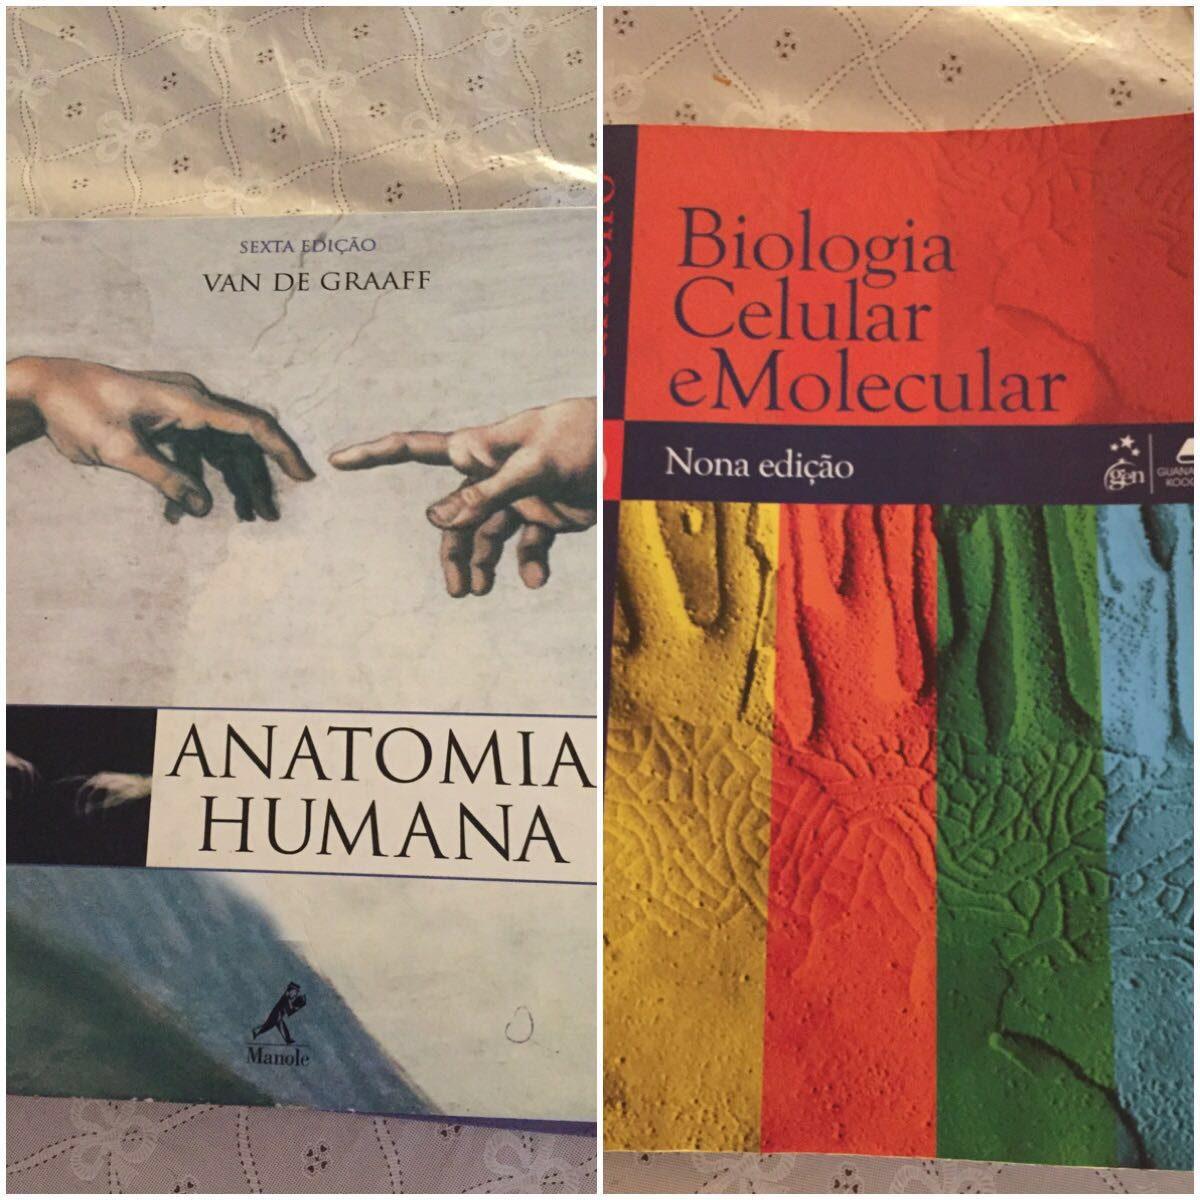 Livro De Anatomia E Biologia Celular - R$ 300,00 em Mercado Livre